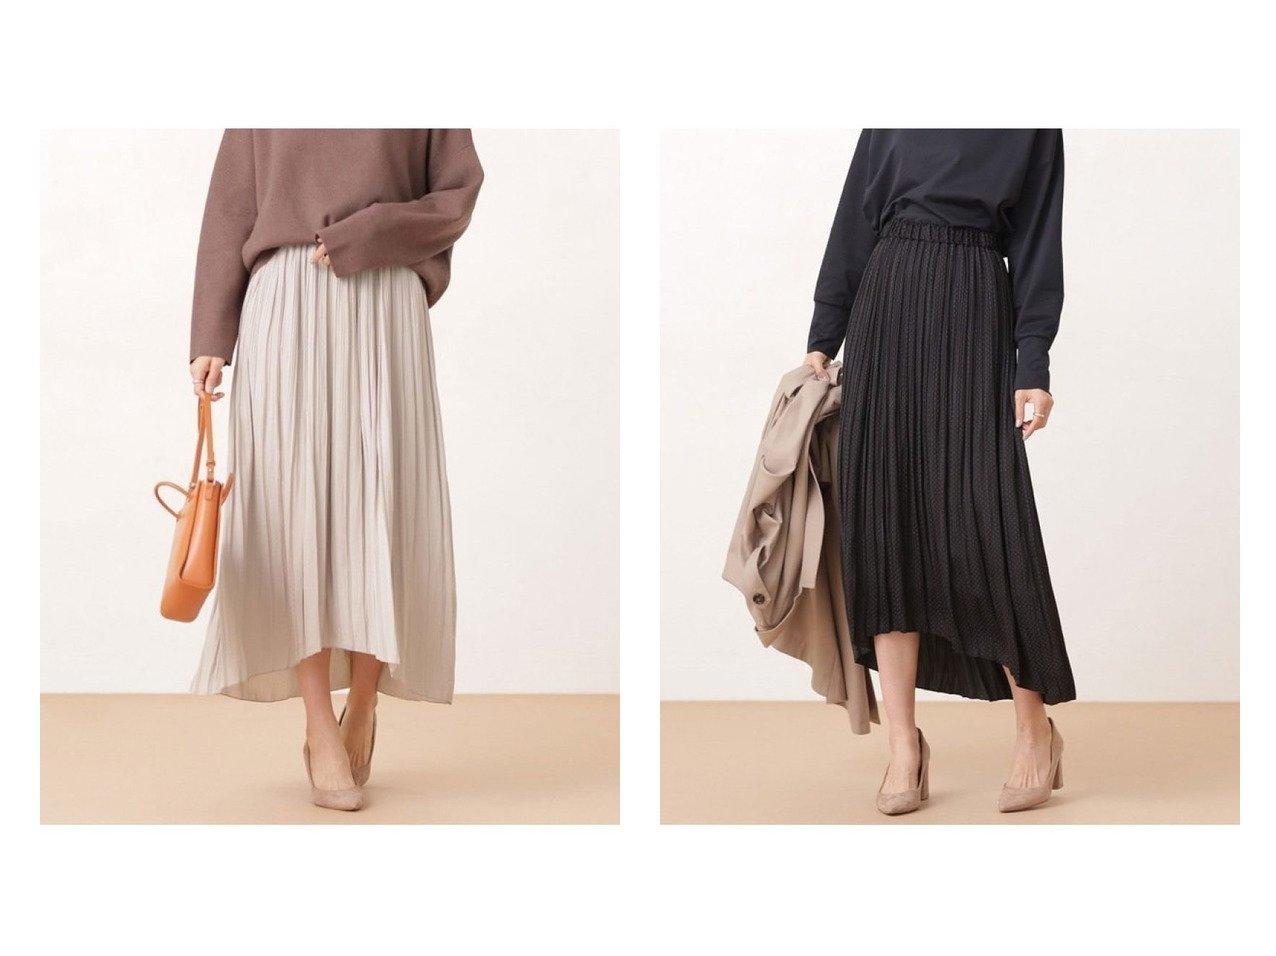 【nano universe/ナノ ユニバース】のドットジャガードプリーツスカート スカートのおすすめ!人気、トレンド・レディースファッションの通販 おすすめで人気の流行・トレンド、ファッションの通販商品 メンズファッション・キッズファッション・インテリア・家具・レディースファッション・服の通販 founy(ファニー) https://founy.com/ ファッション Fashion レディースファッション WOMEN スカート Skirt プリーツスカート Pleated Skirts サテン とろみ ドット フェミニン プリント プリーツ ランダム ロング 再入荷 Restock/Back in Stock/Re Arrival NEW・新作・新着・新入荷 New Arrivals |ID:crp329100000014432